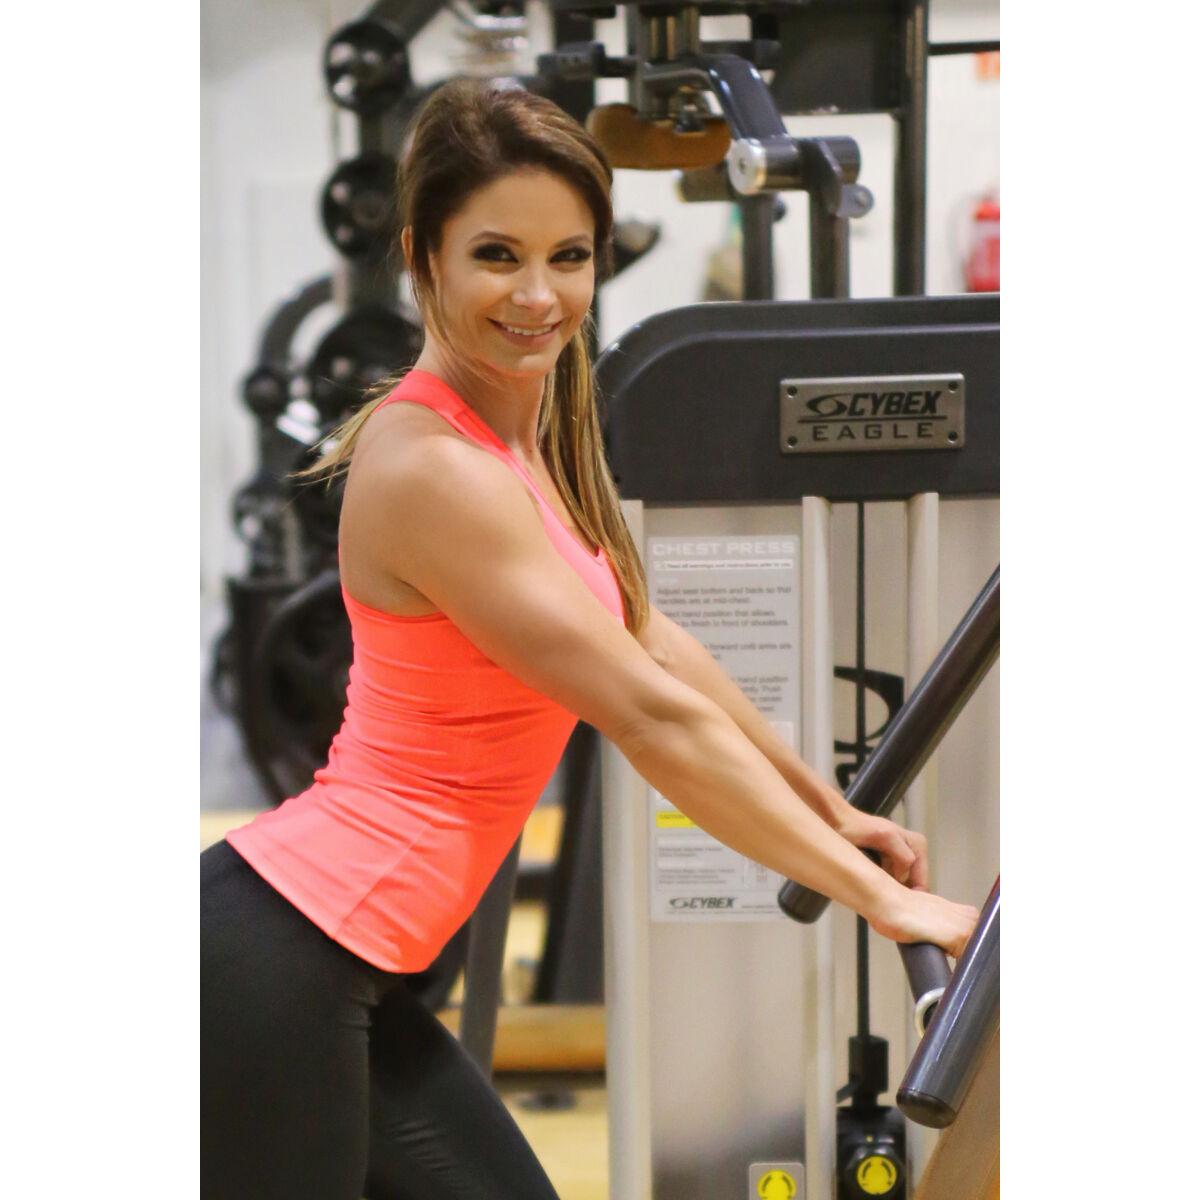 Neon korall (rio) basic női fitness atléta